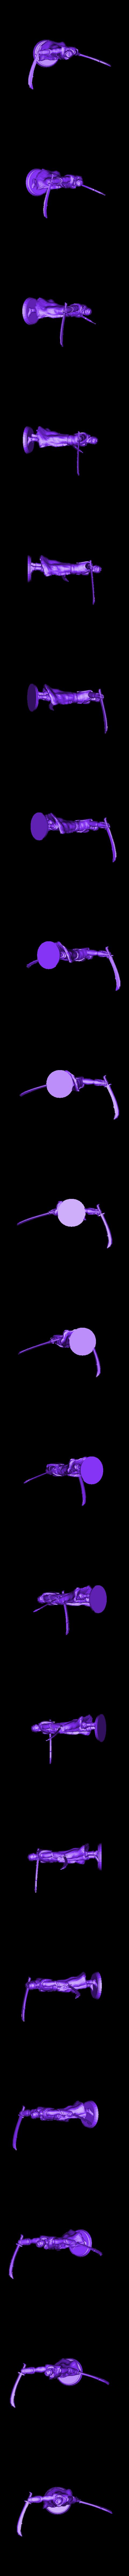 arm-out.stl Télécharger fichier STL gratuit Guerrier arabe (poses multiples) • Plan imprimable en 3D, stockto